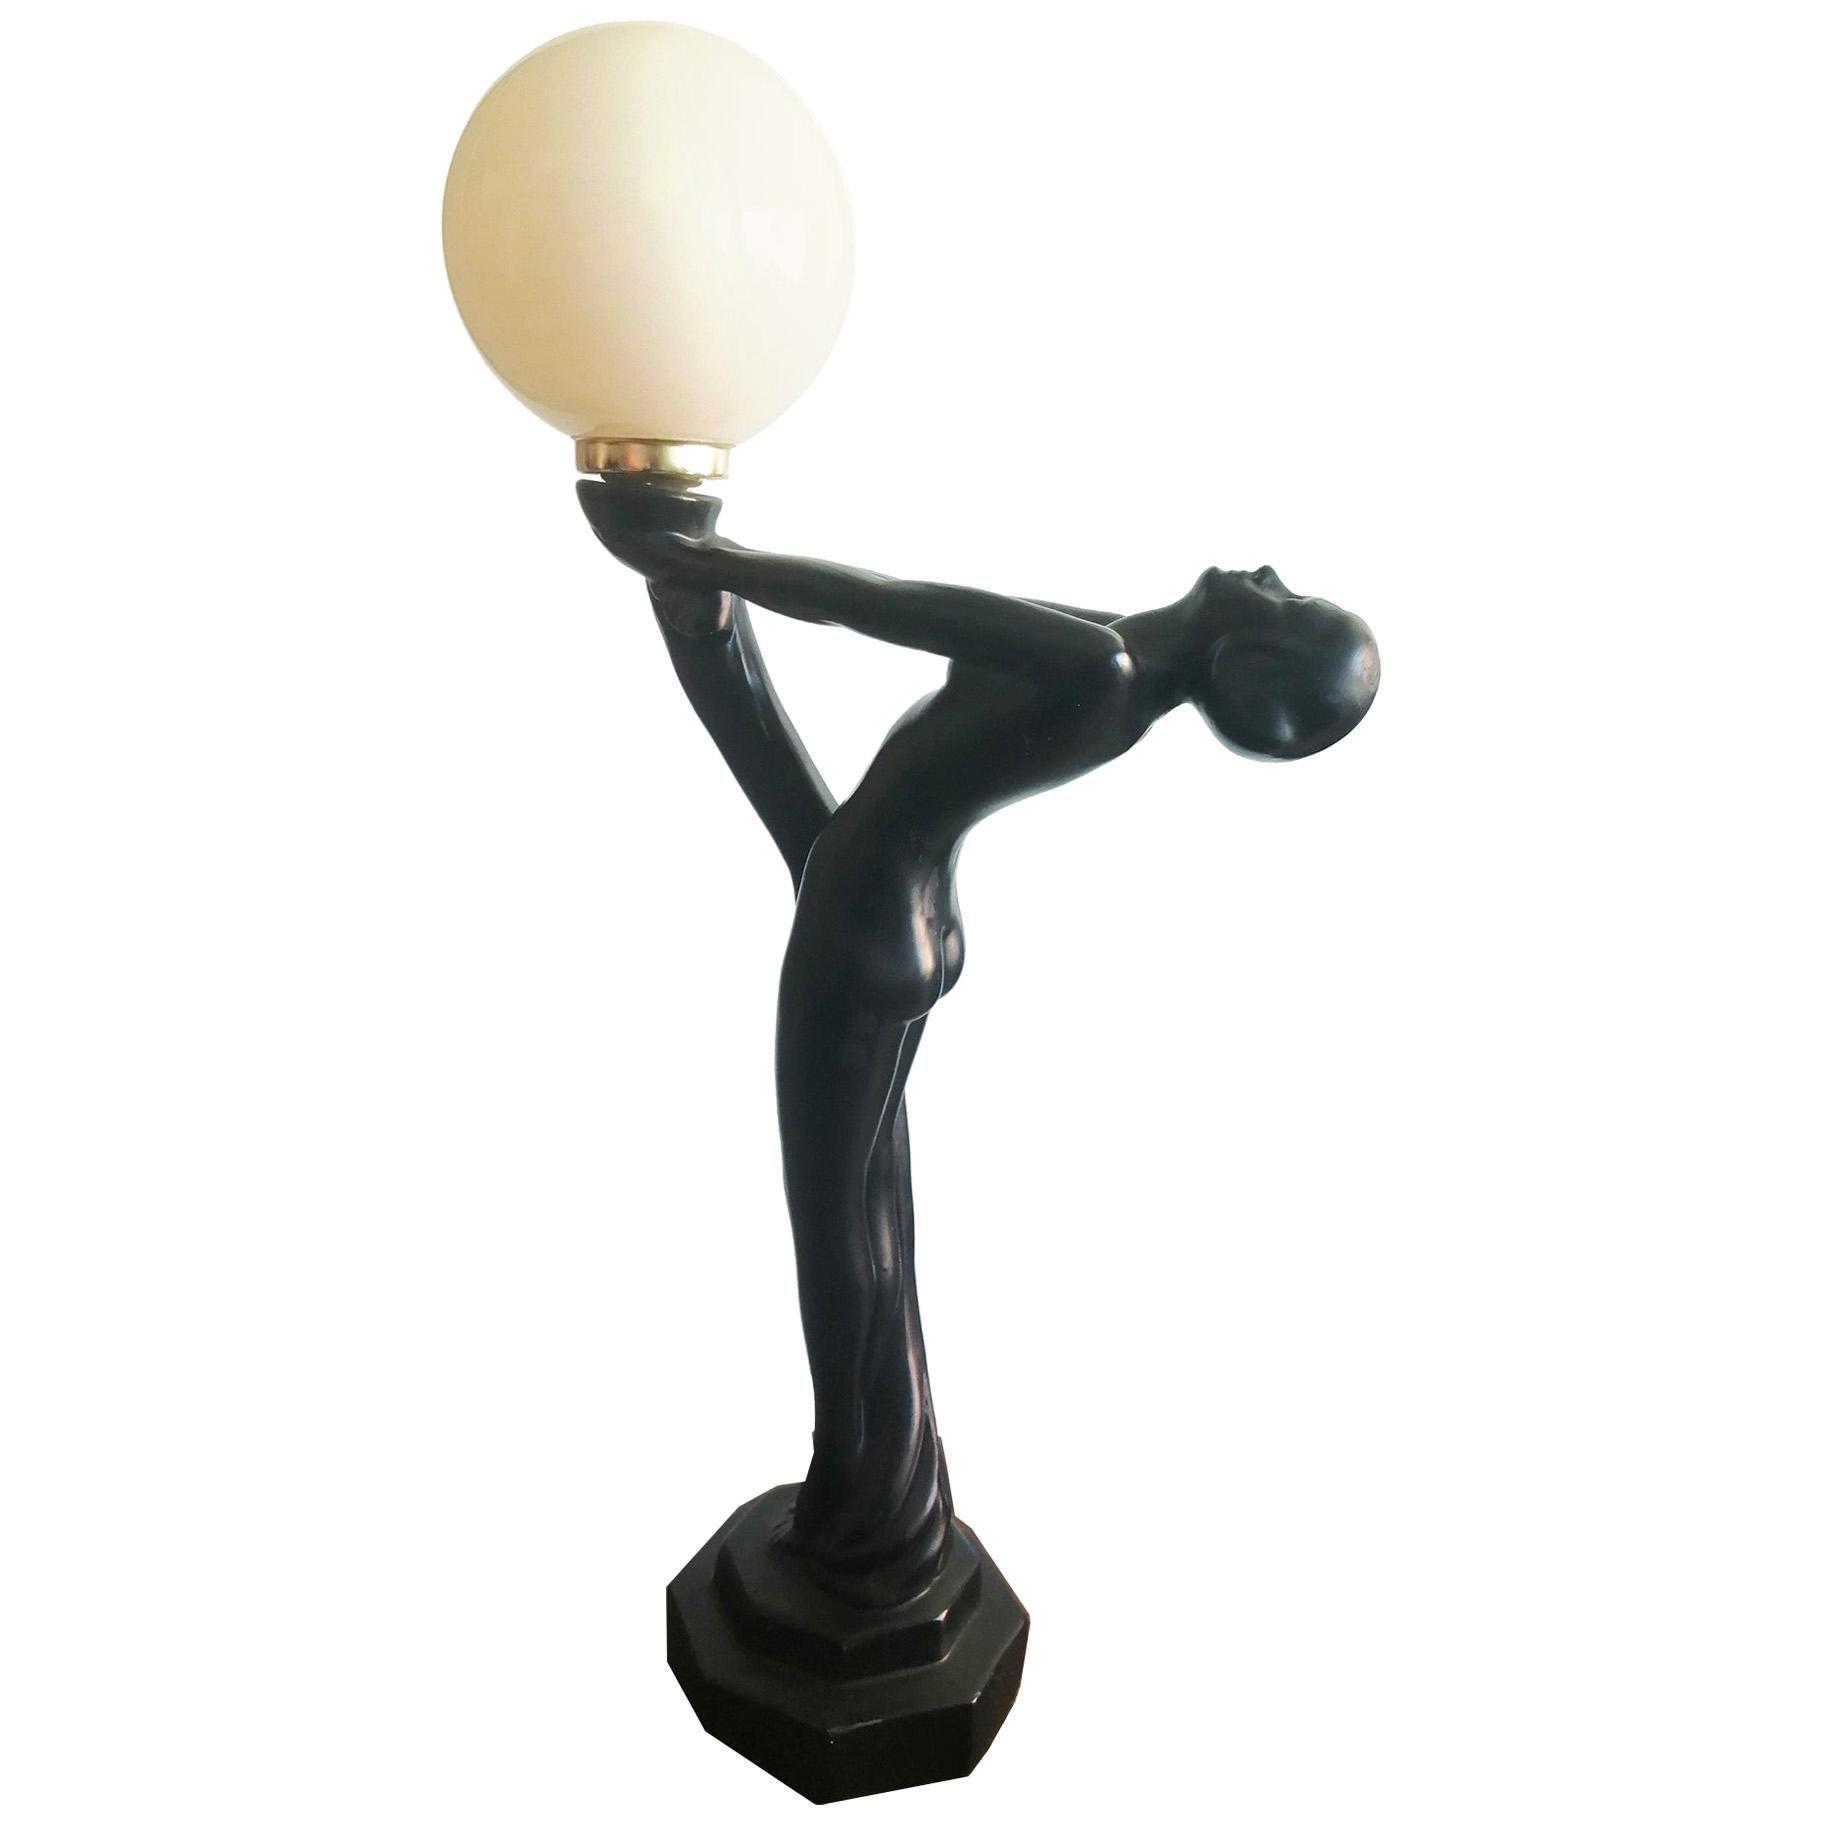 Mid-20th Century Art Deco Table Lamp Whit Opaline Balloon